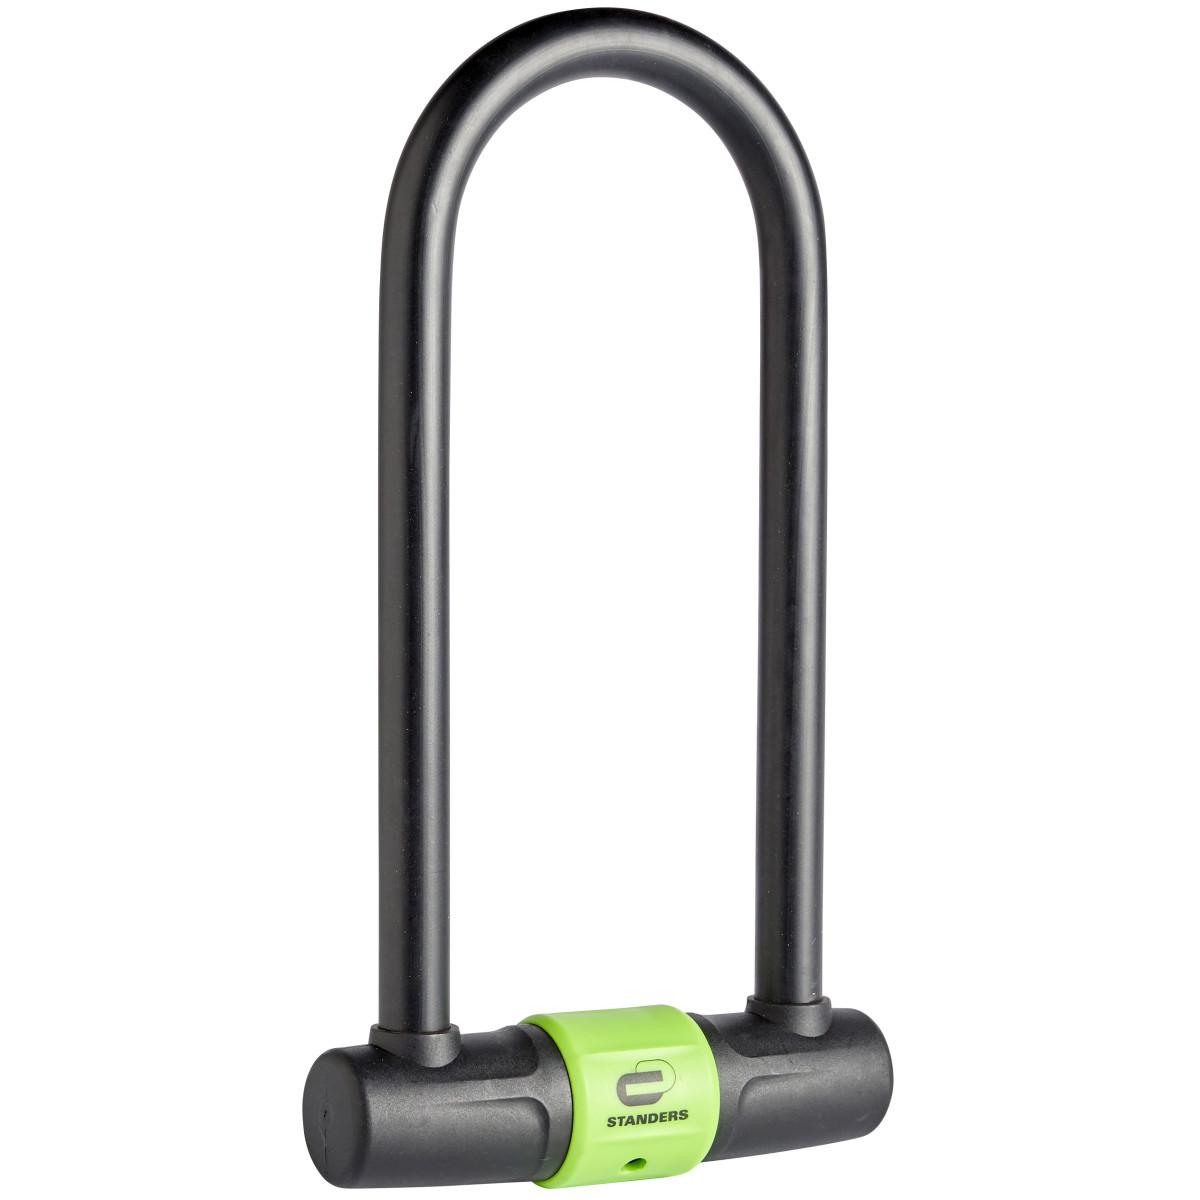 Велосипедный замок с ключом Standers 175x320 мм